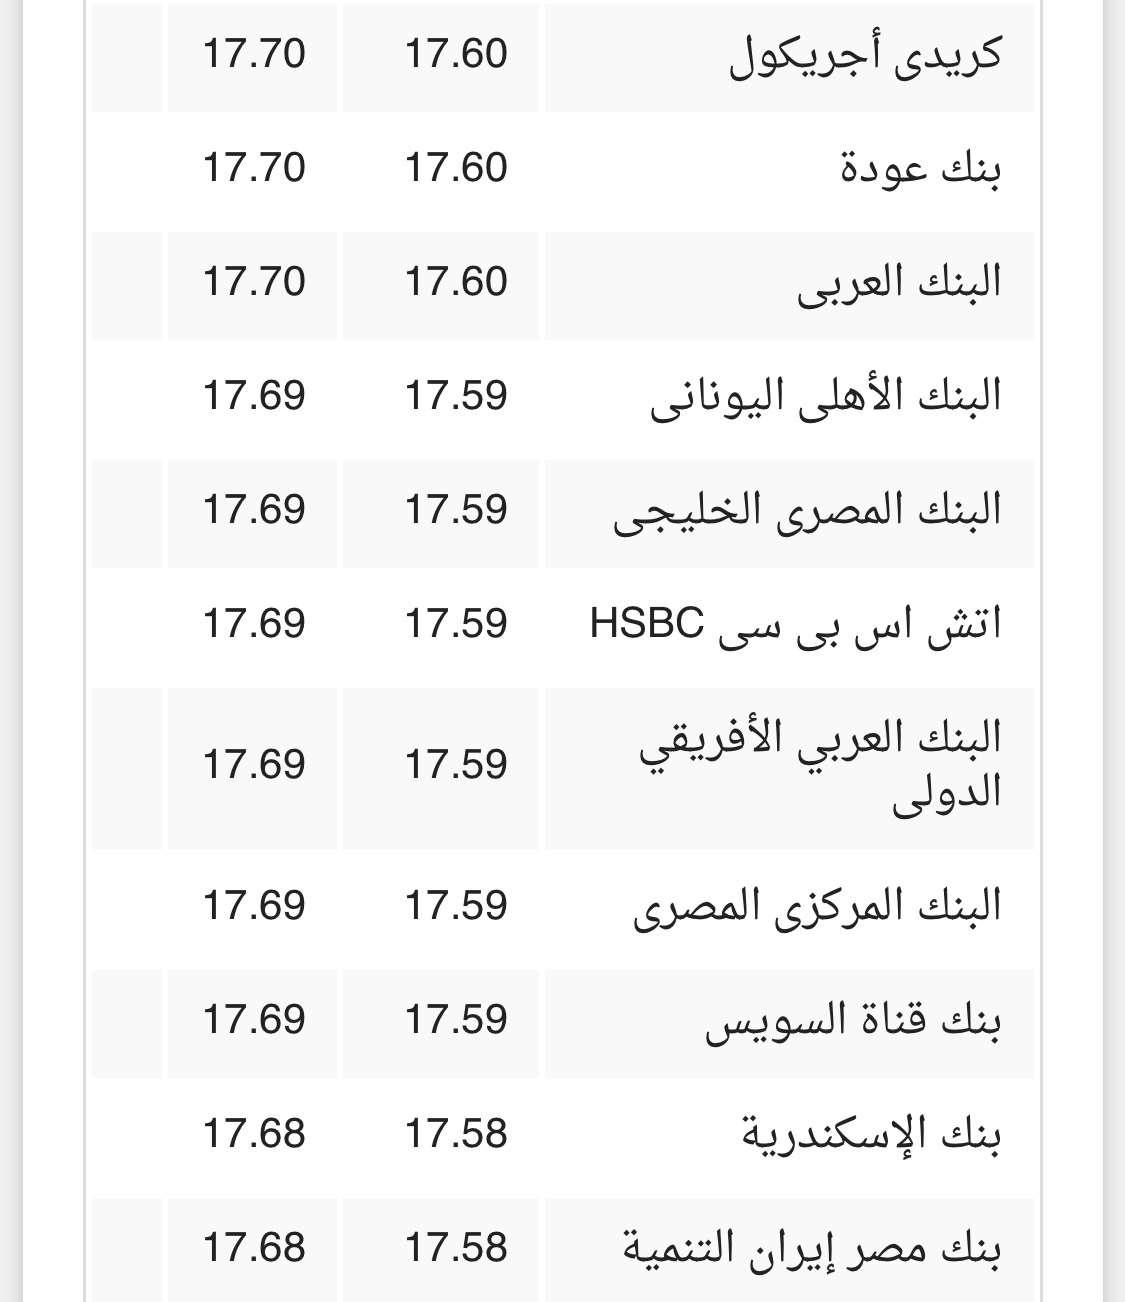 سعر الدولار اليوم الجمعة 02-03-2018 في البنوك المصرية